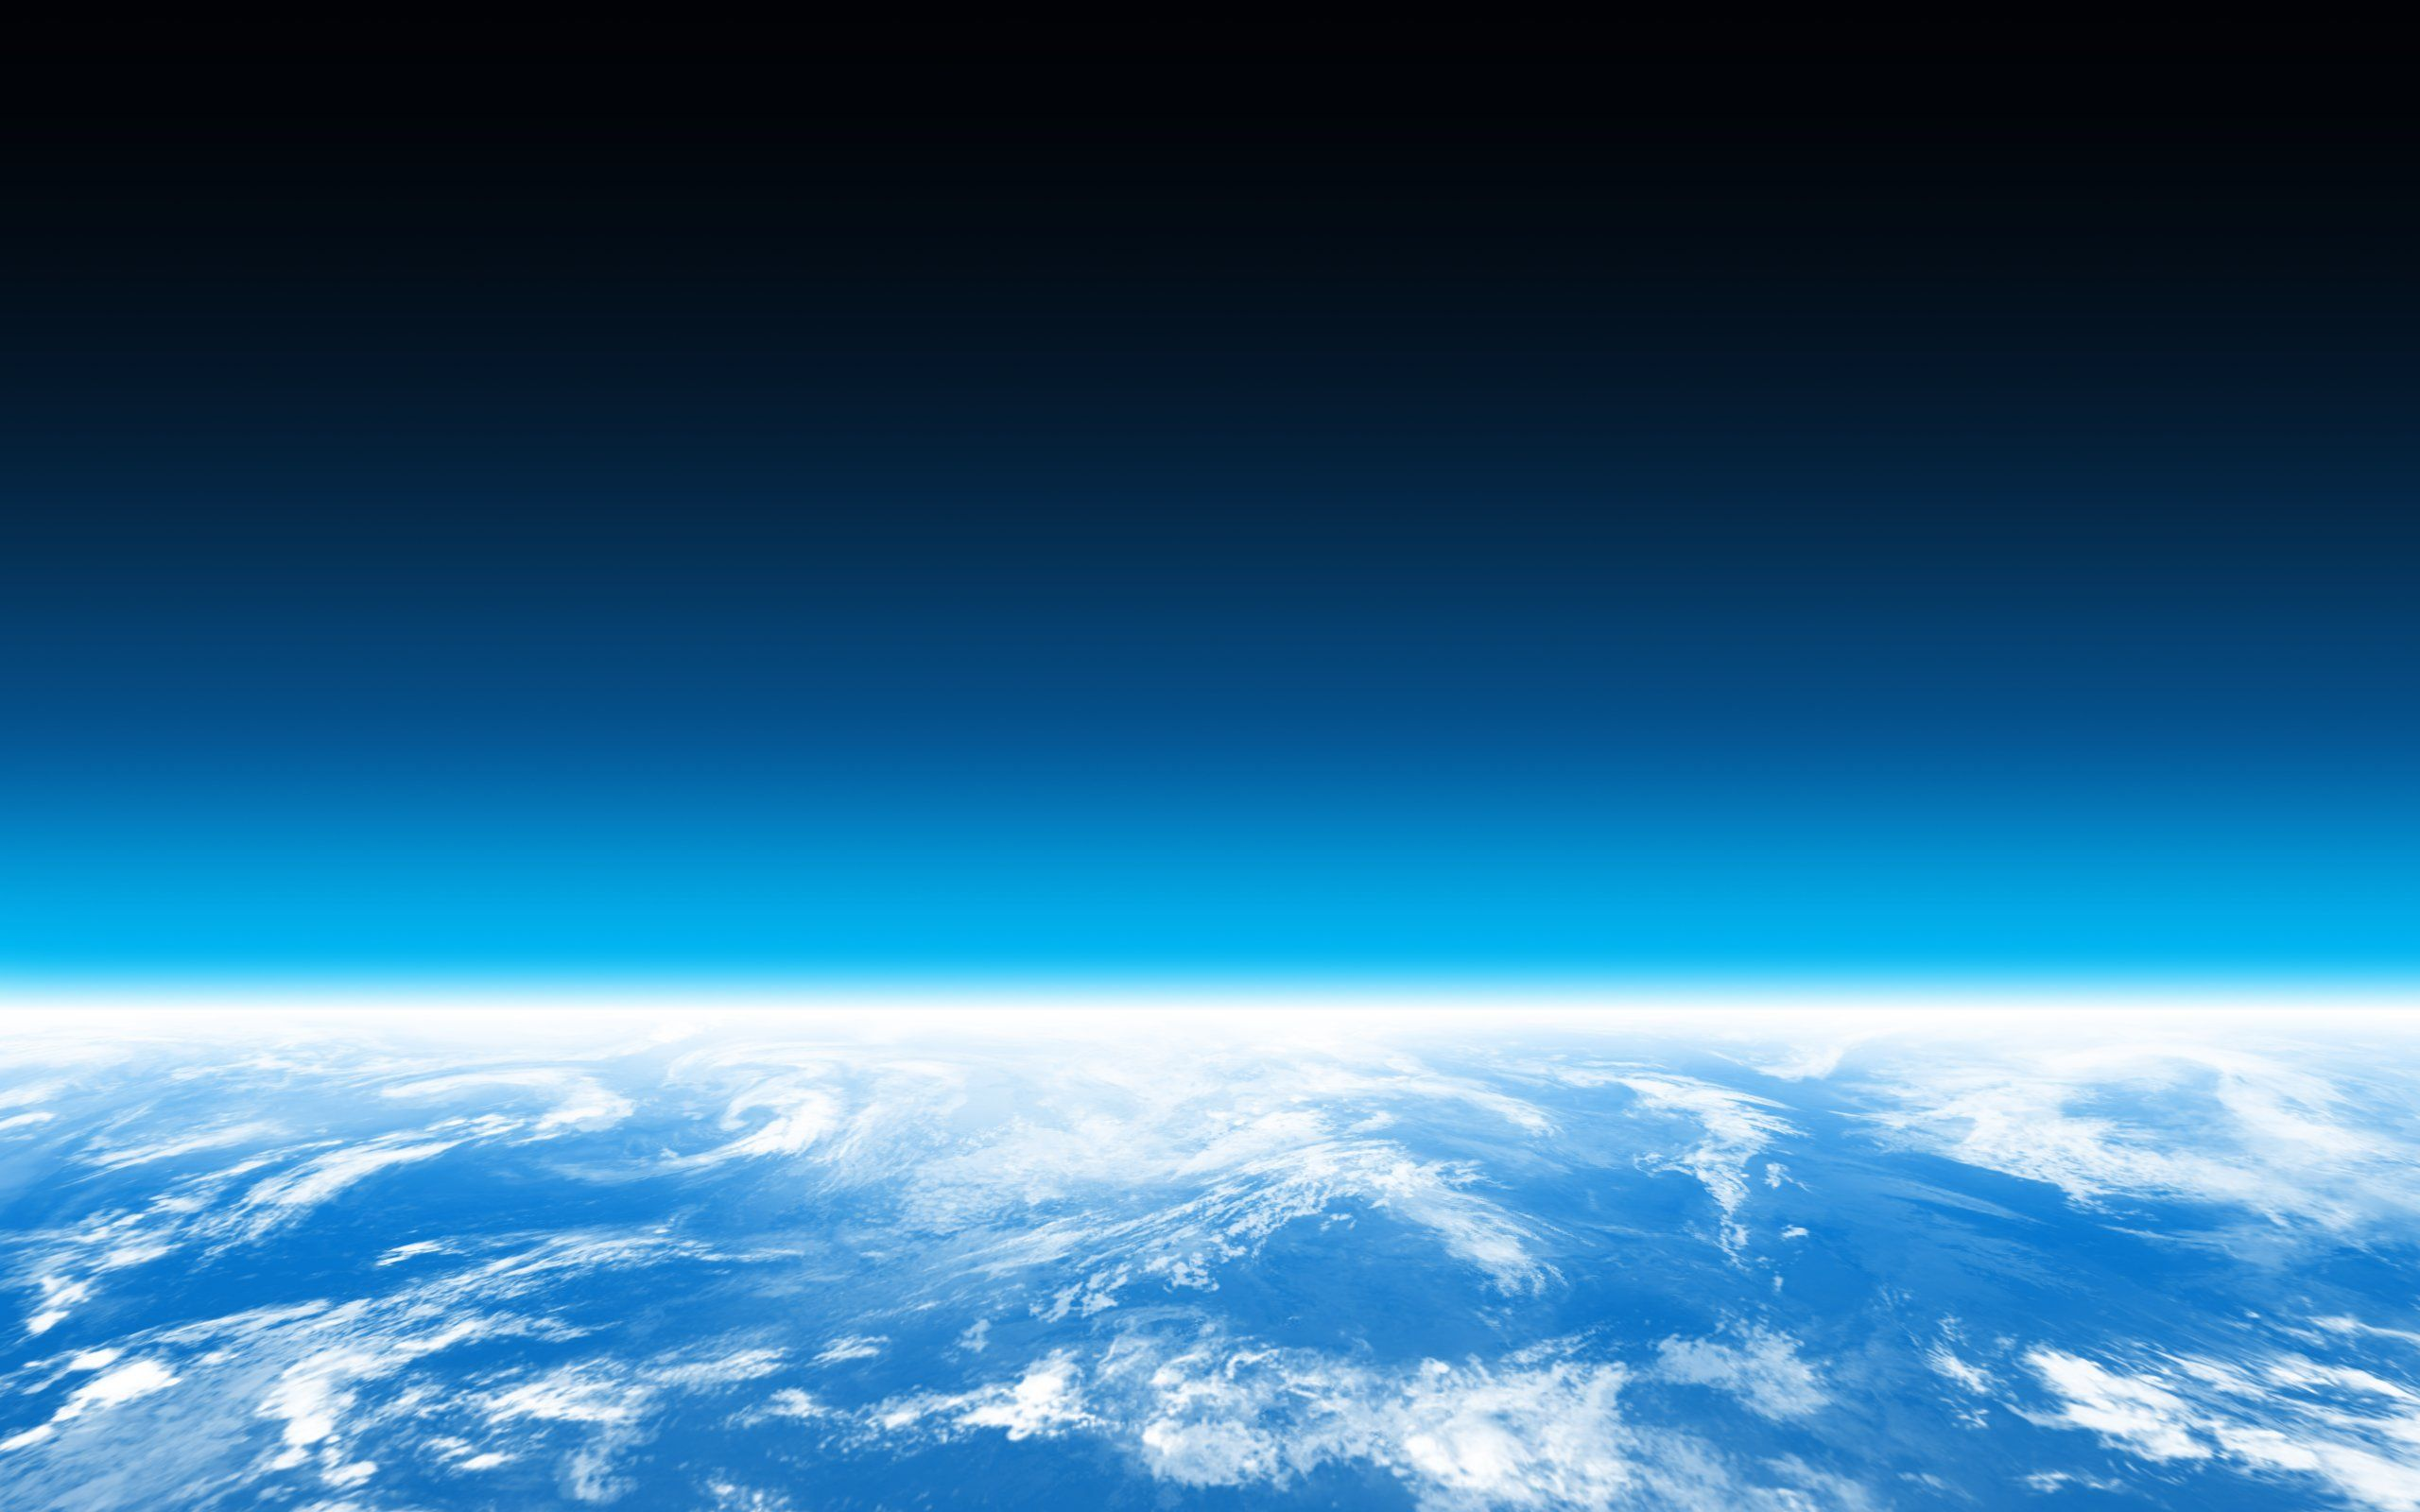 宇宙、地球、地平線.jpg